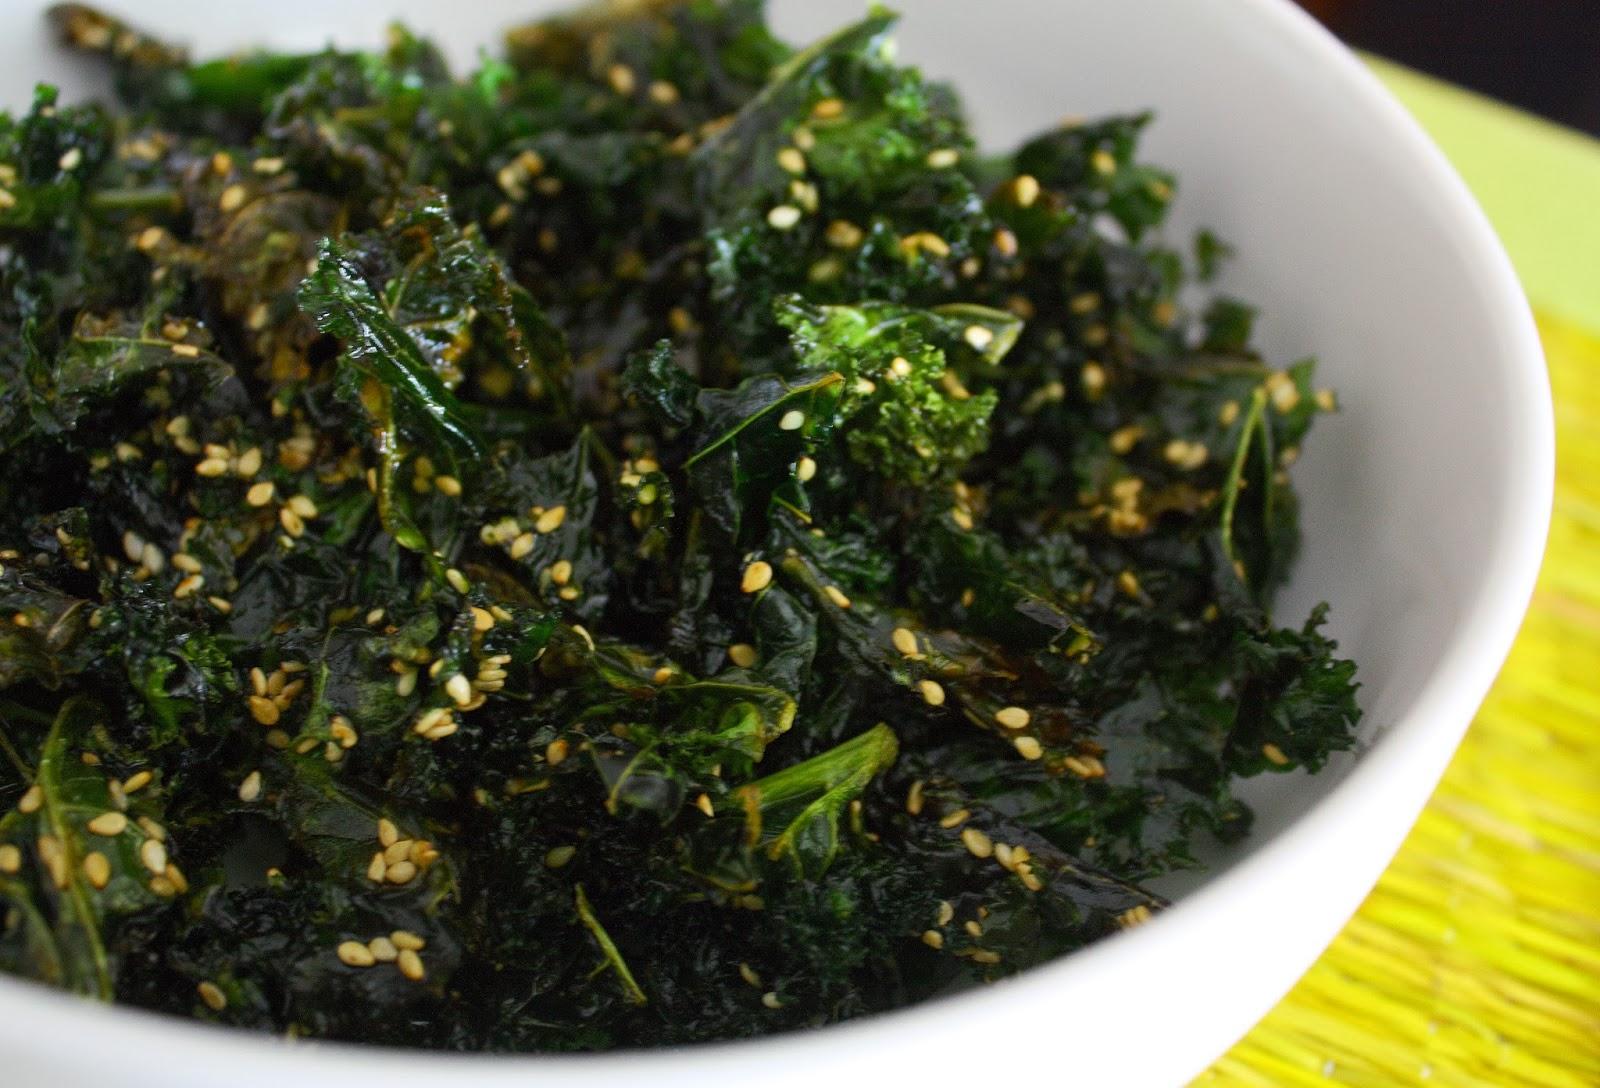 Nanna's Cookbook: Slow Baked Sesame Kale Chips